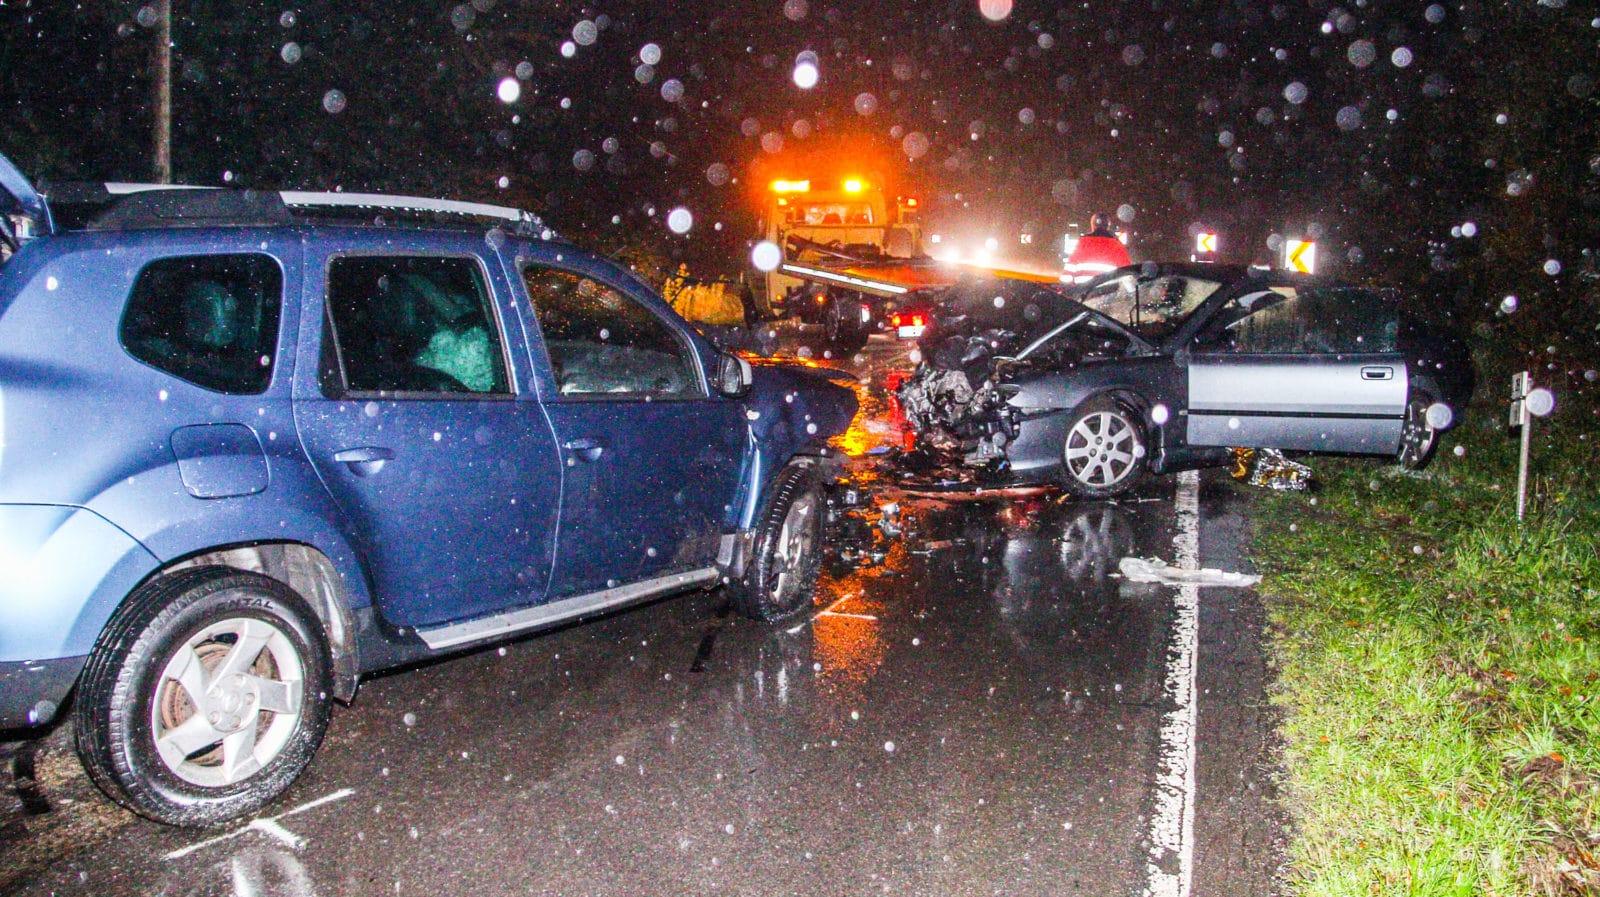 Frontalzusammenstoss im stroemenden Regen:  Die Kollision zweier PKW am Montagab end auf der B249 bei Riegelsberg forderte zwei Schwerverletzte. Foto: Rolf Ruppenthal/